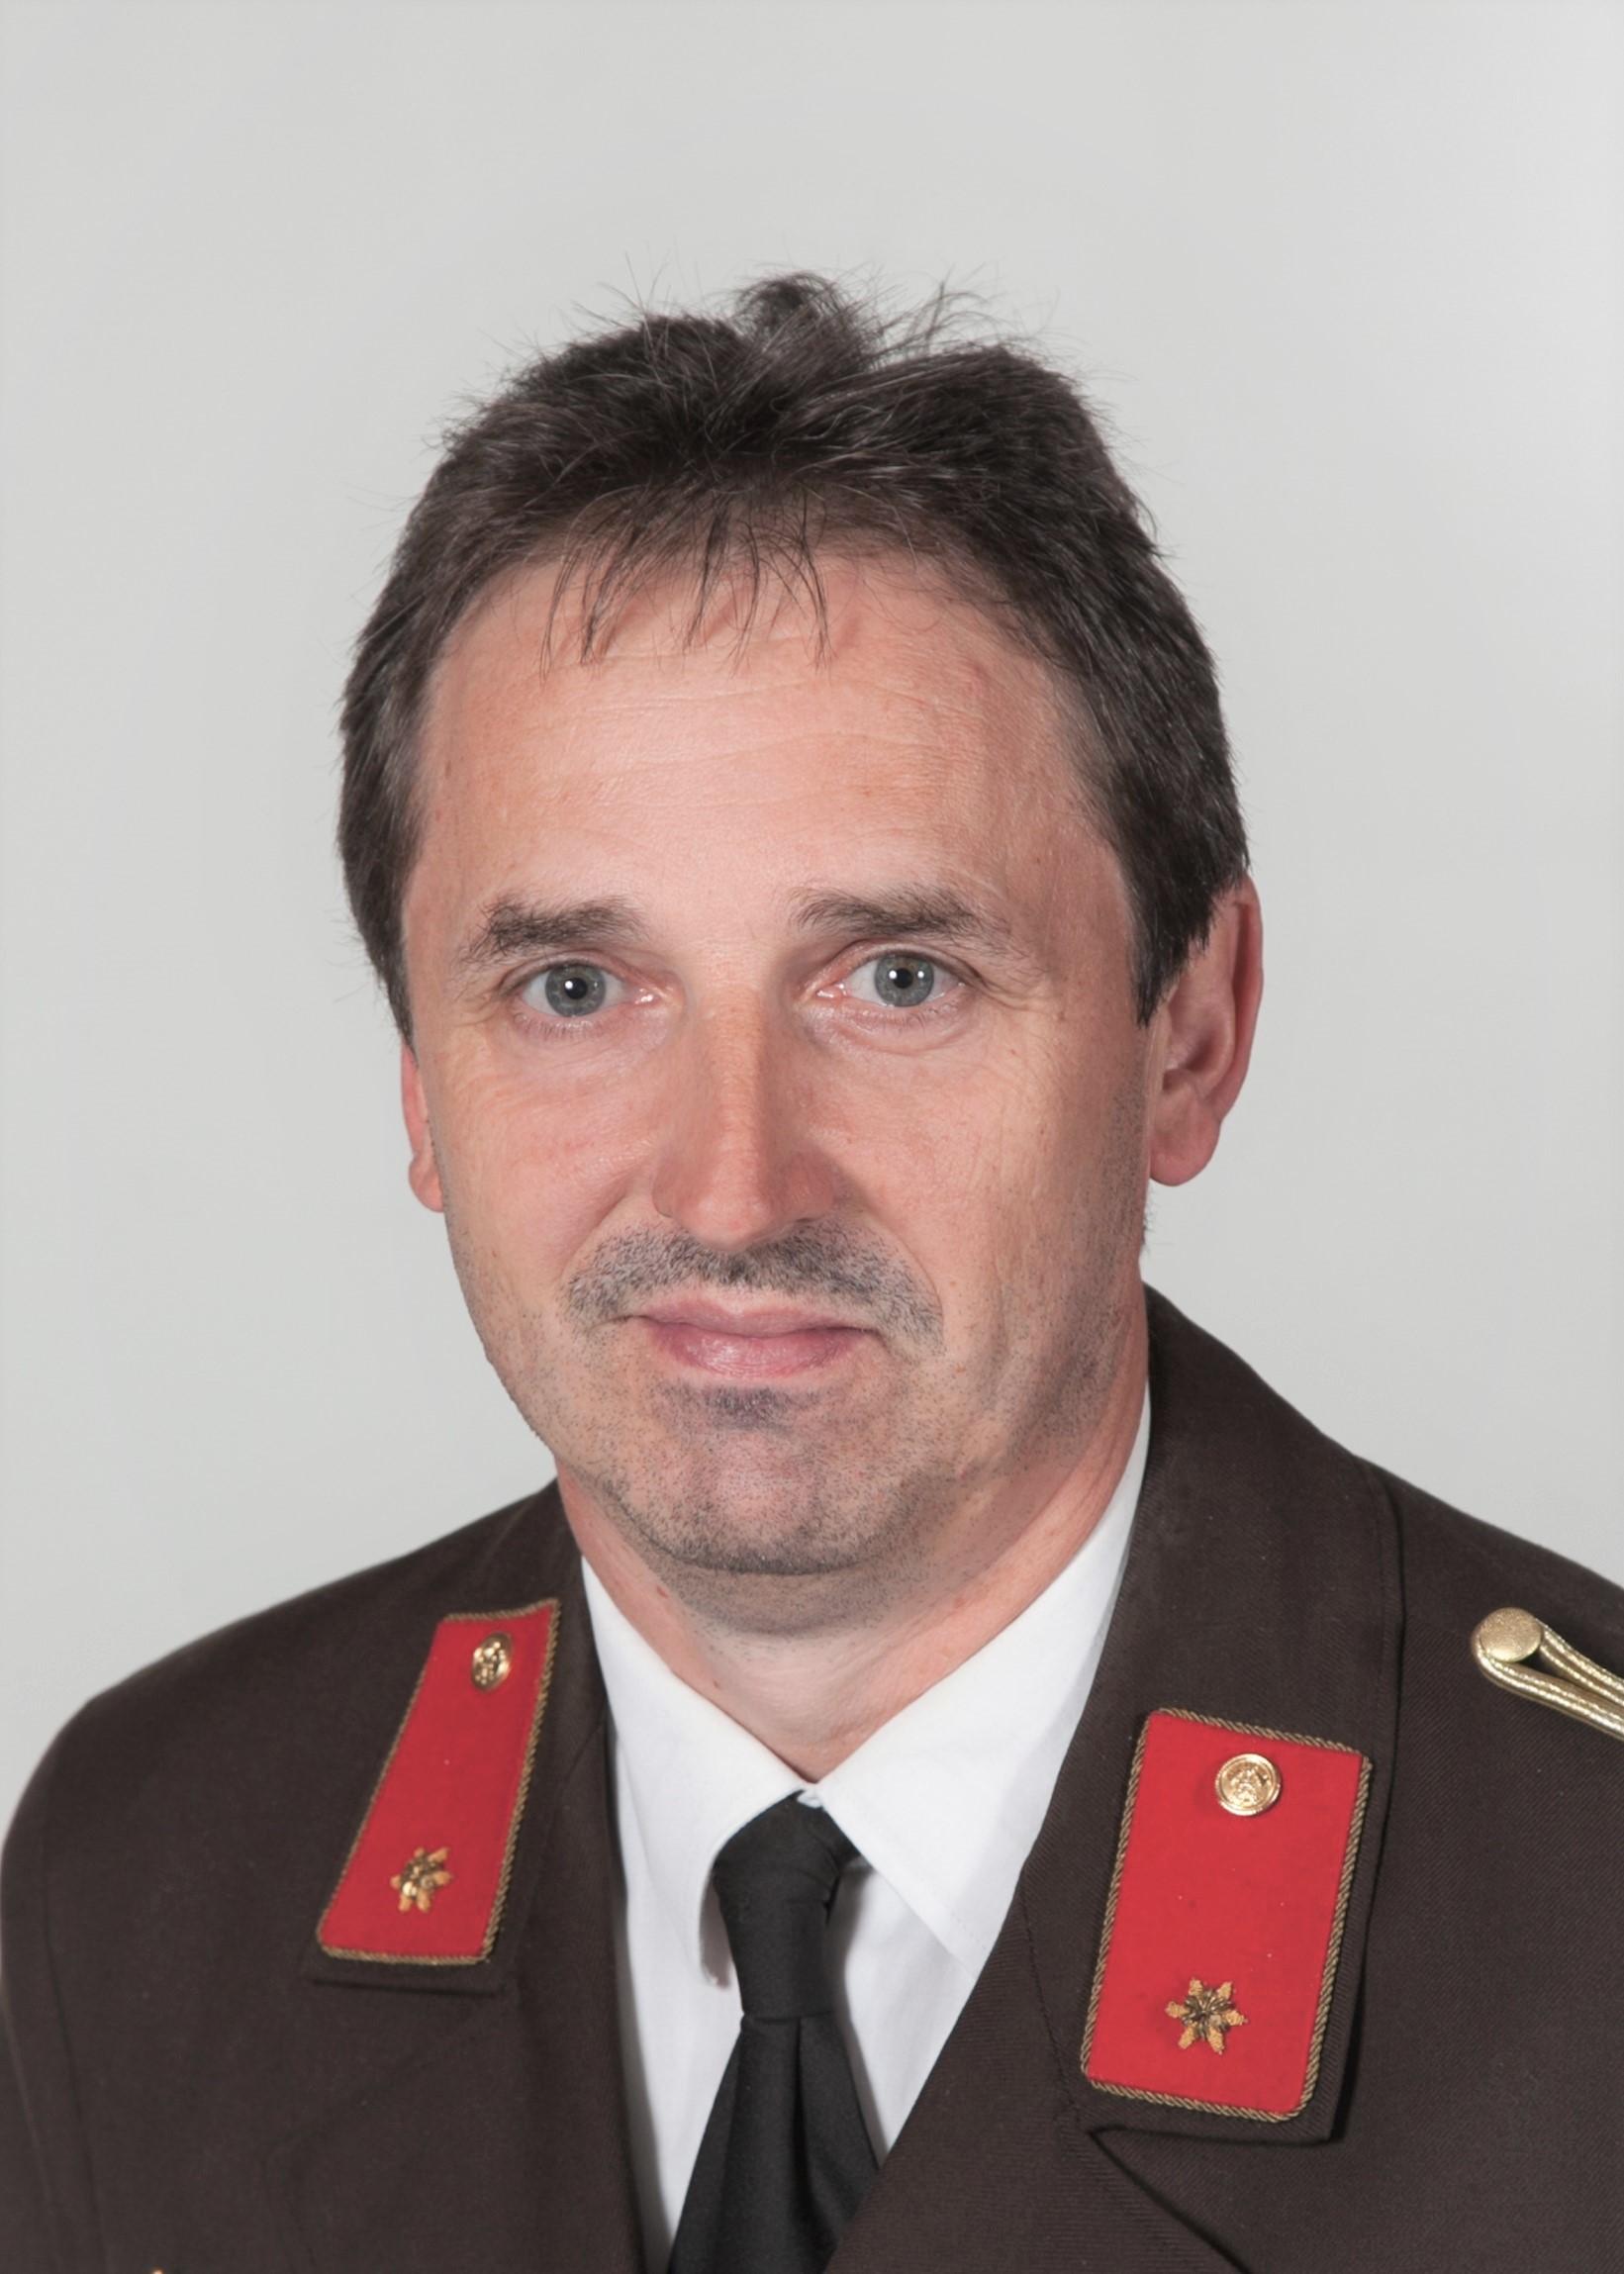 Matthias Scheurecker